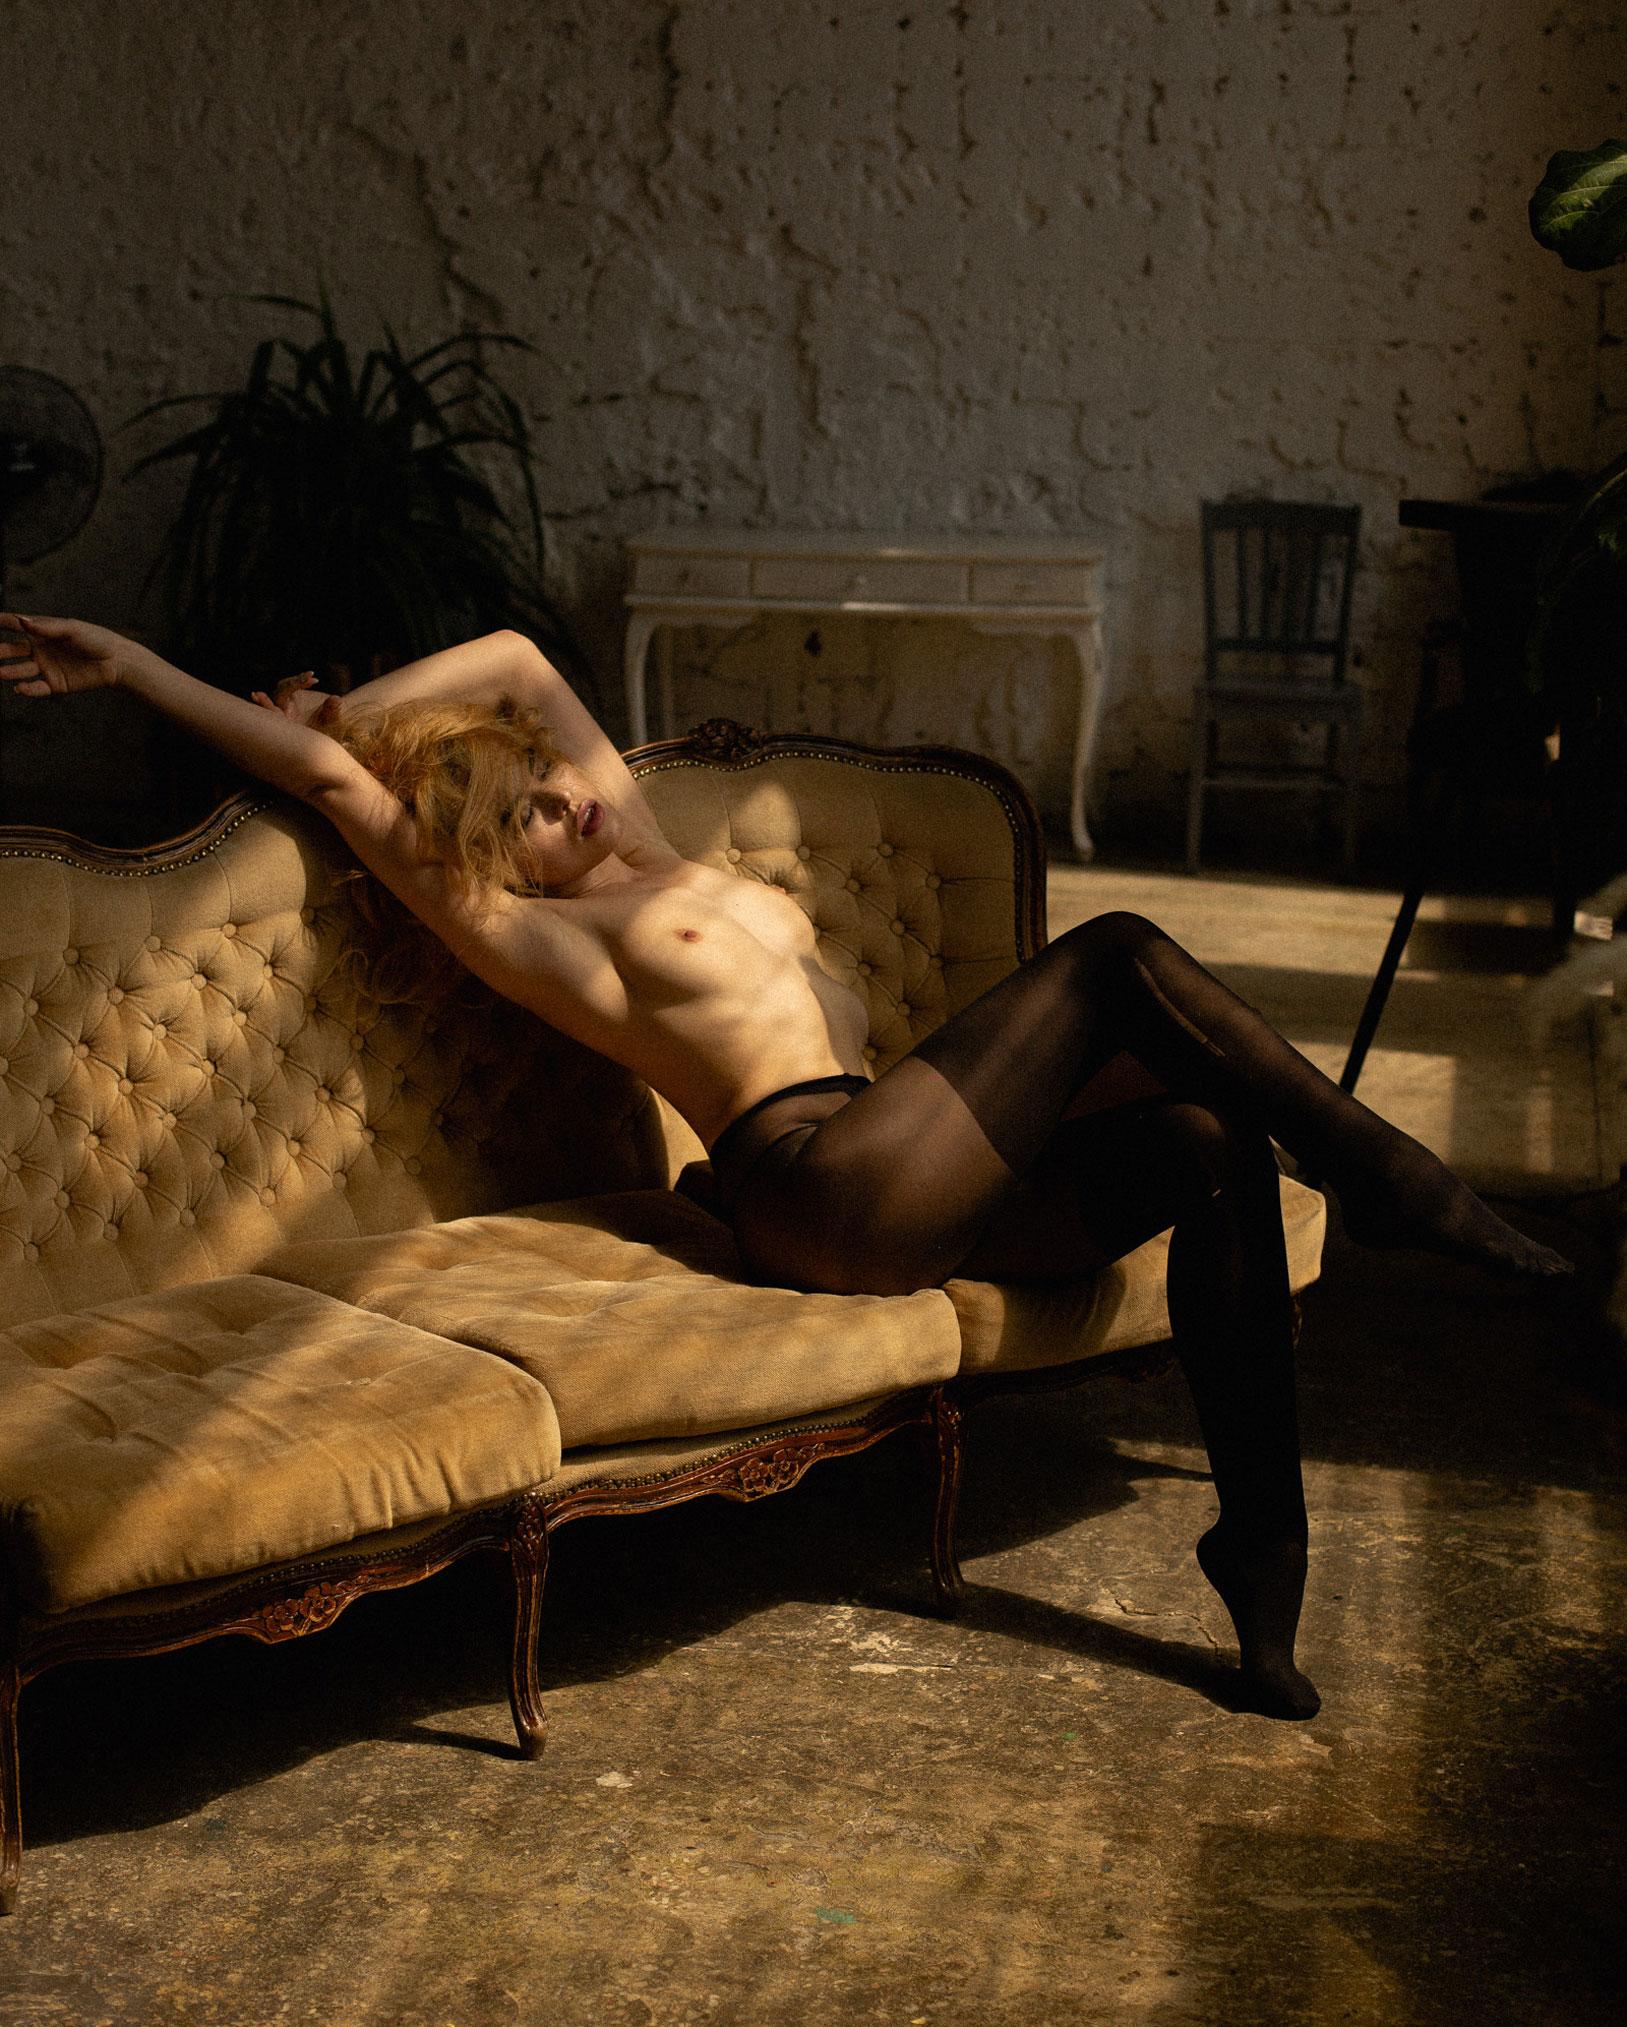 сексуальная фотомодель Эллина Мюллер / фото 09